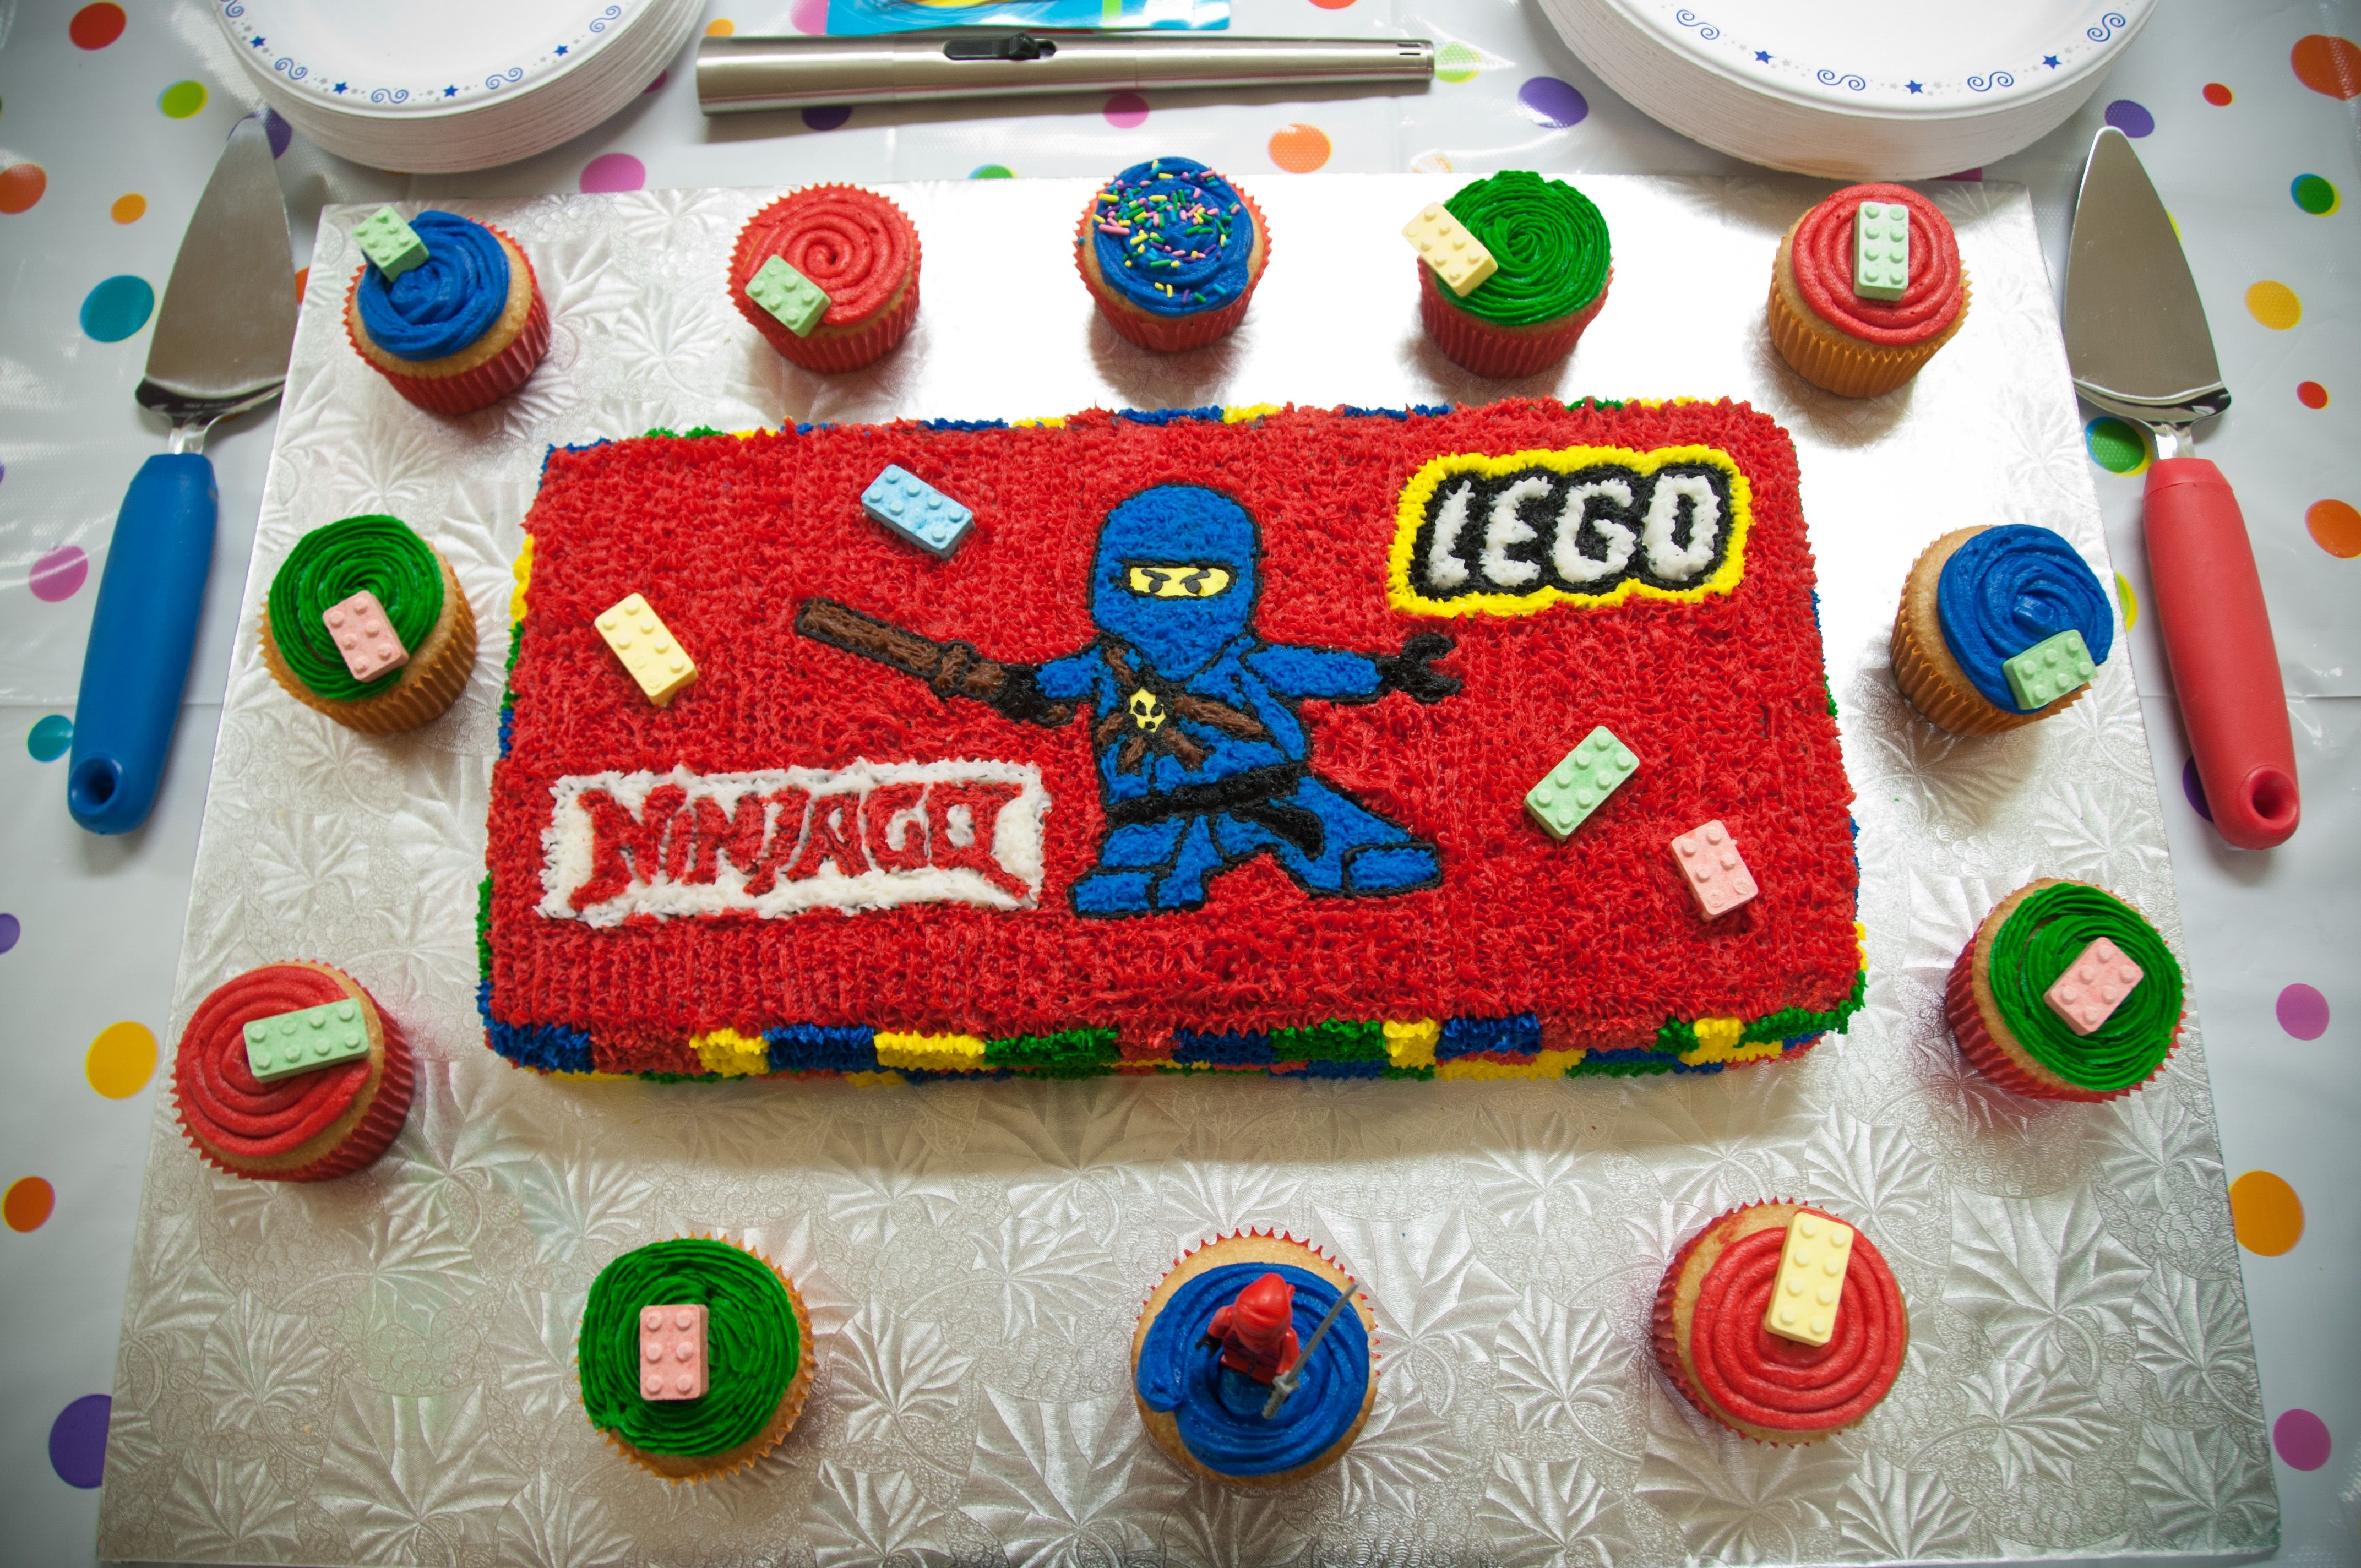 Lego Ninjago Cake Lego Ninjago Cake Ninjago Cakes Lego Cake